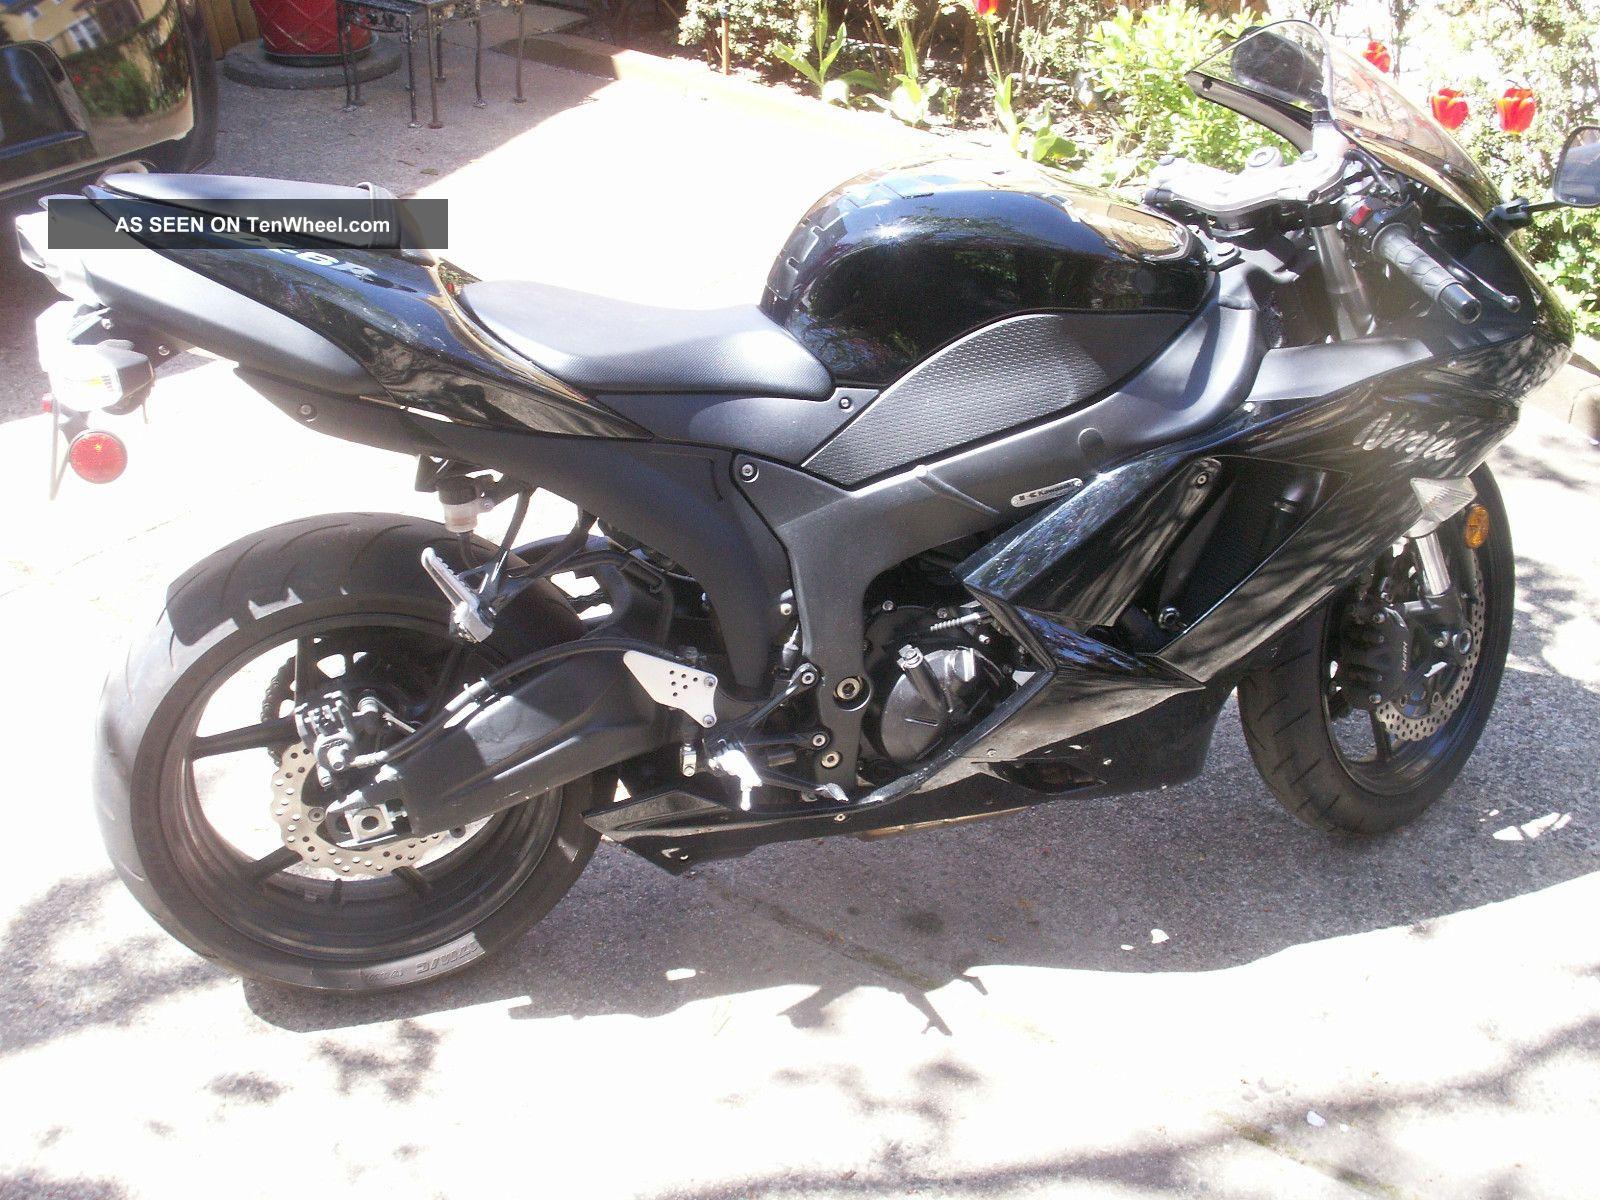 2007 Kawasaki Zx6r Black Www Imgkid Com The Image Kid